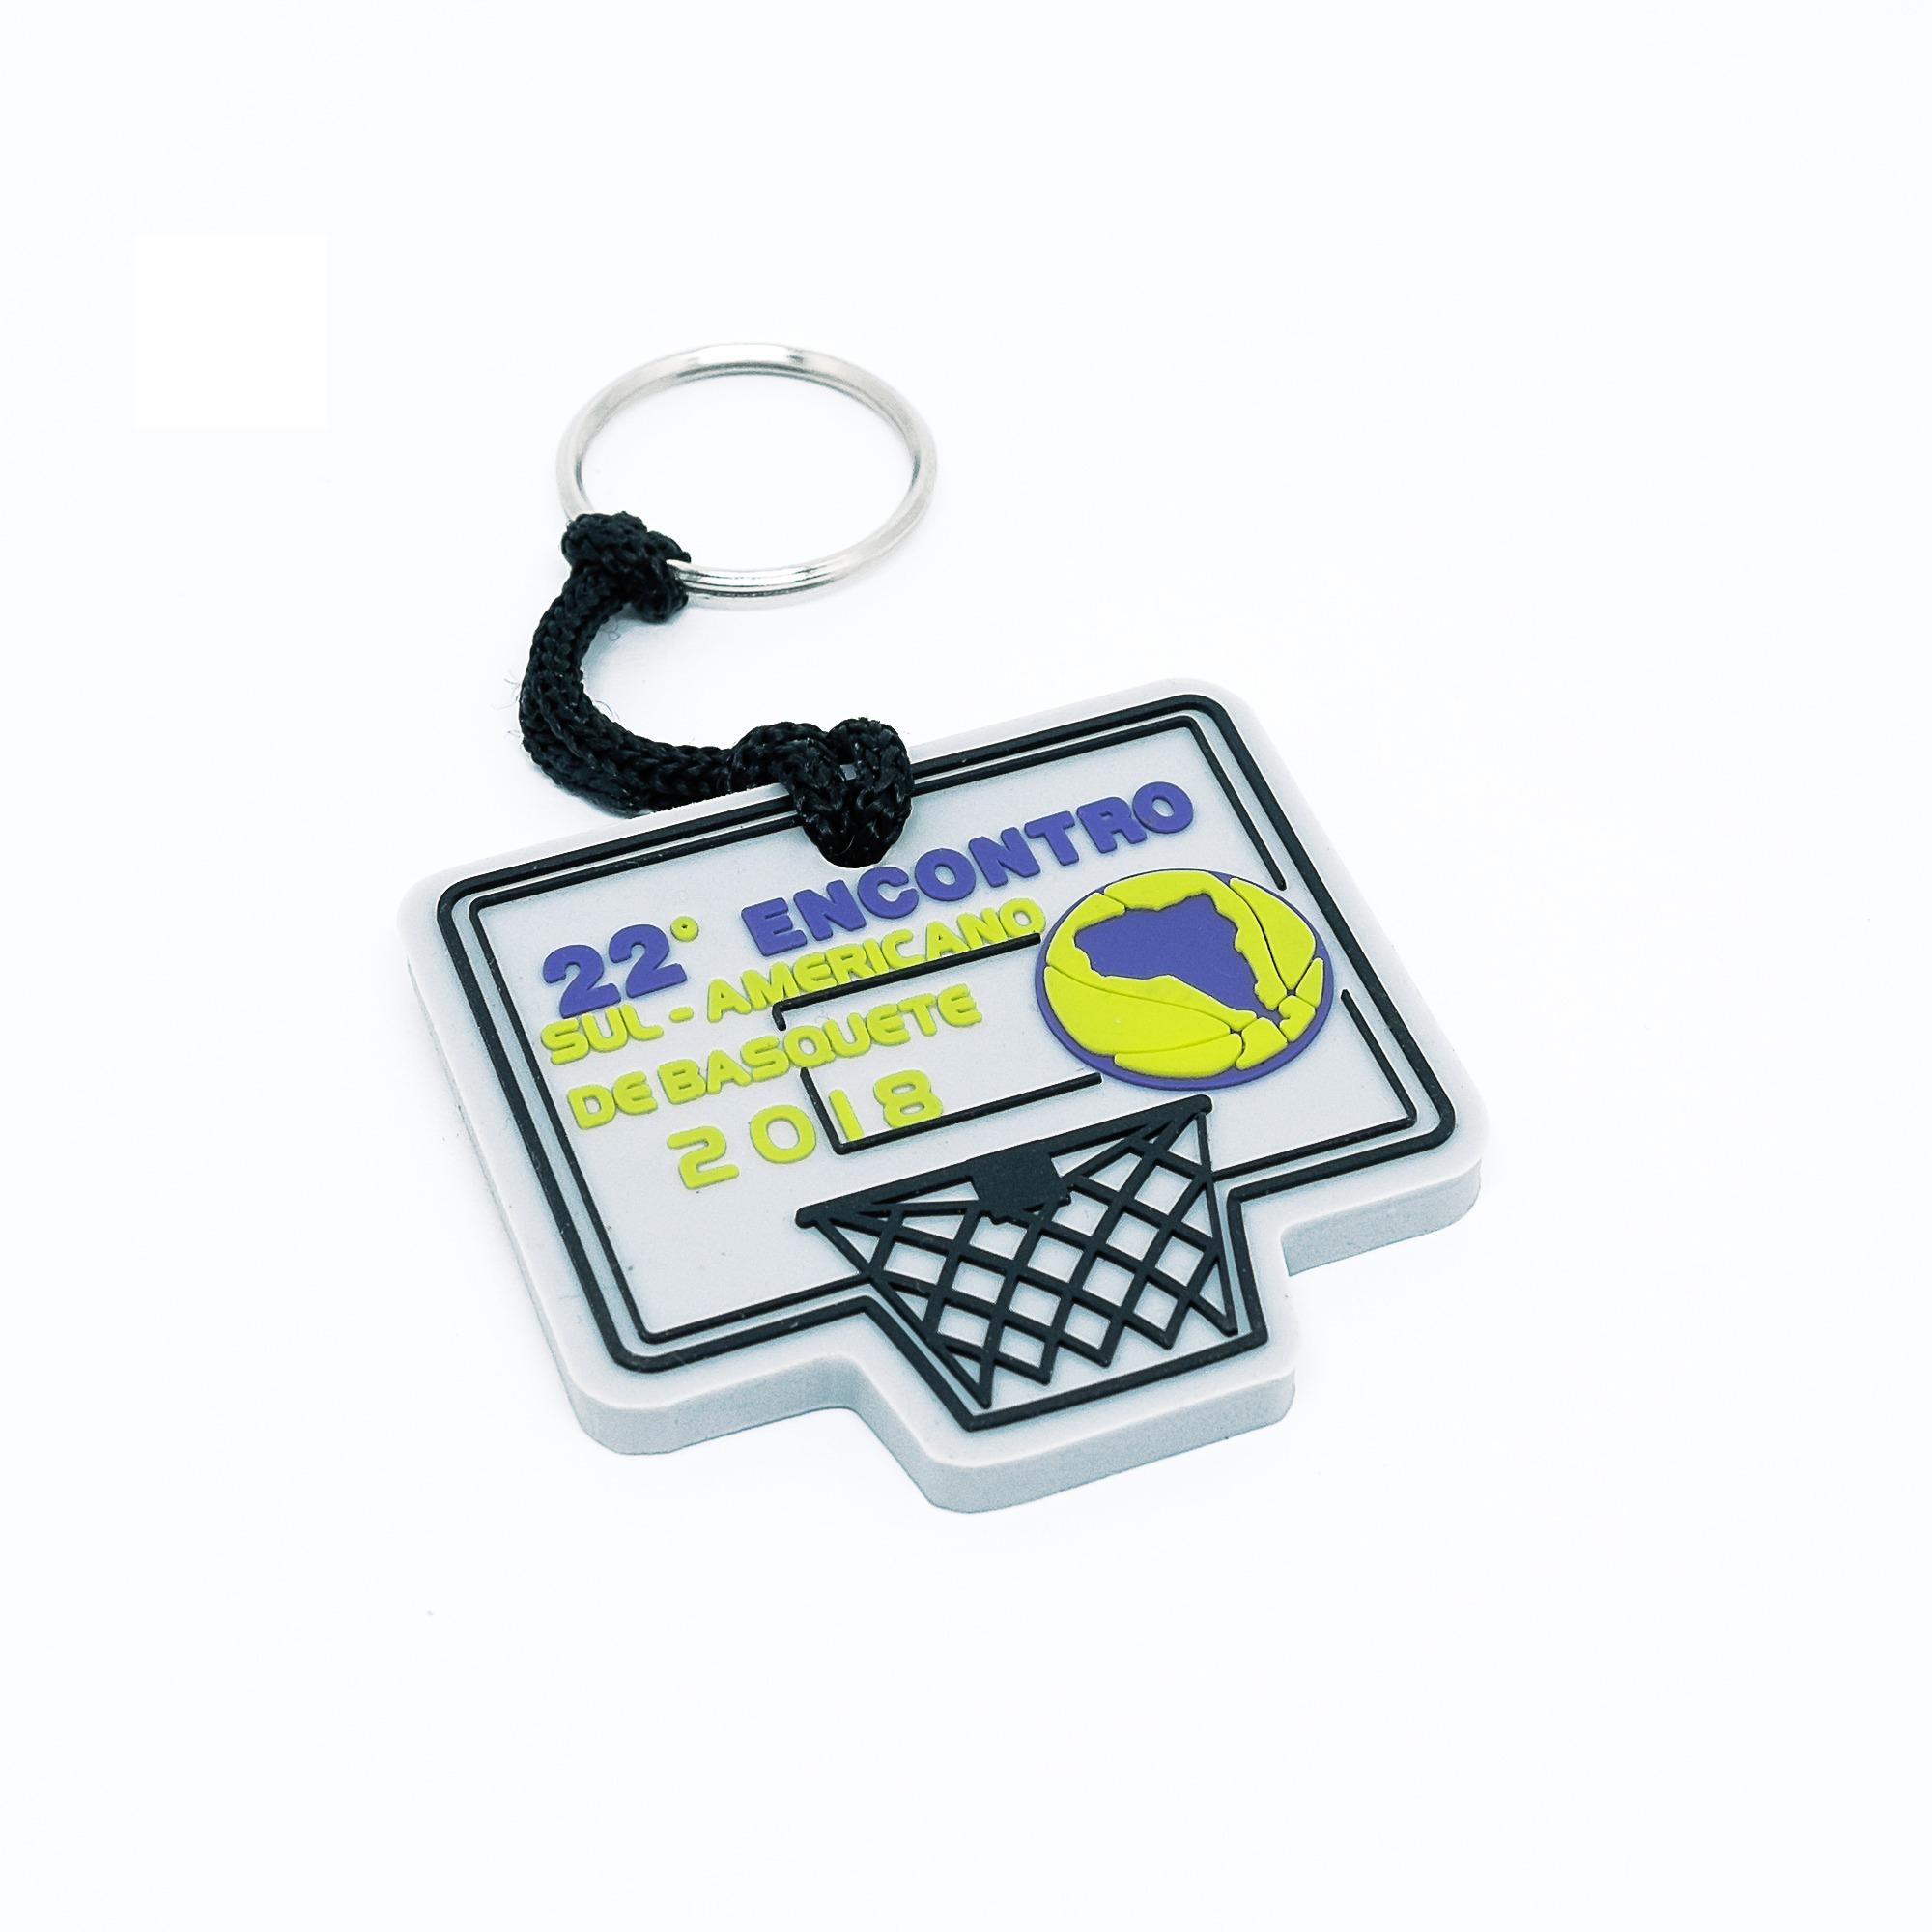 chaveiro emborrachado basquete bauru cestinha relevo